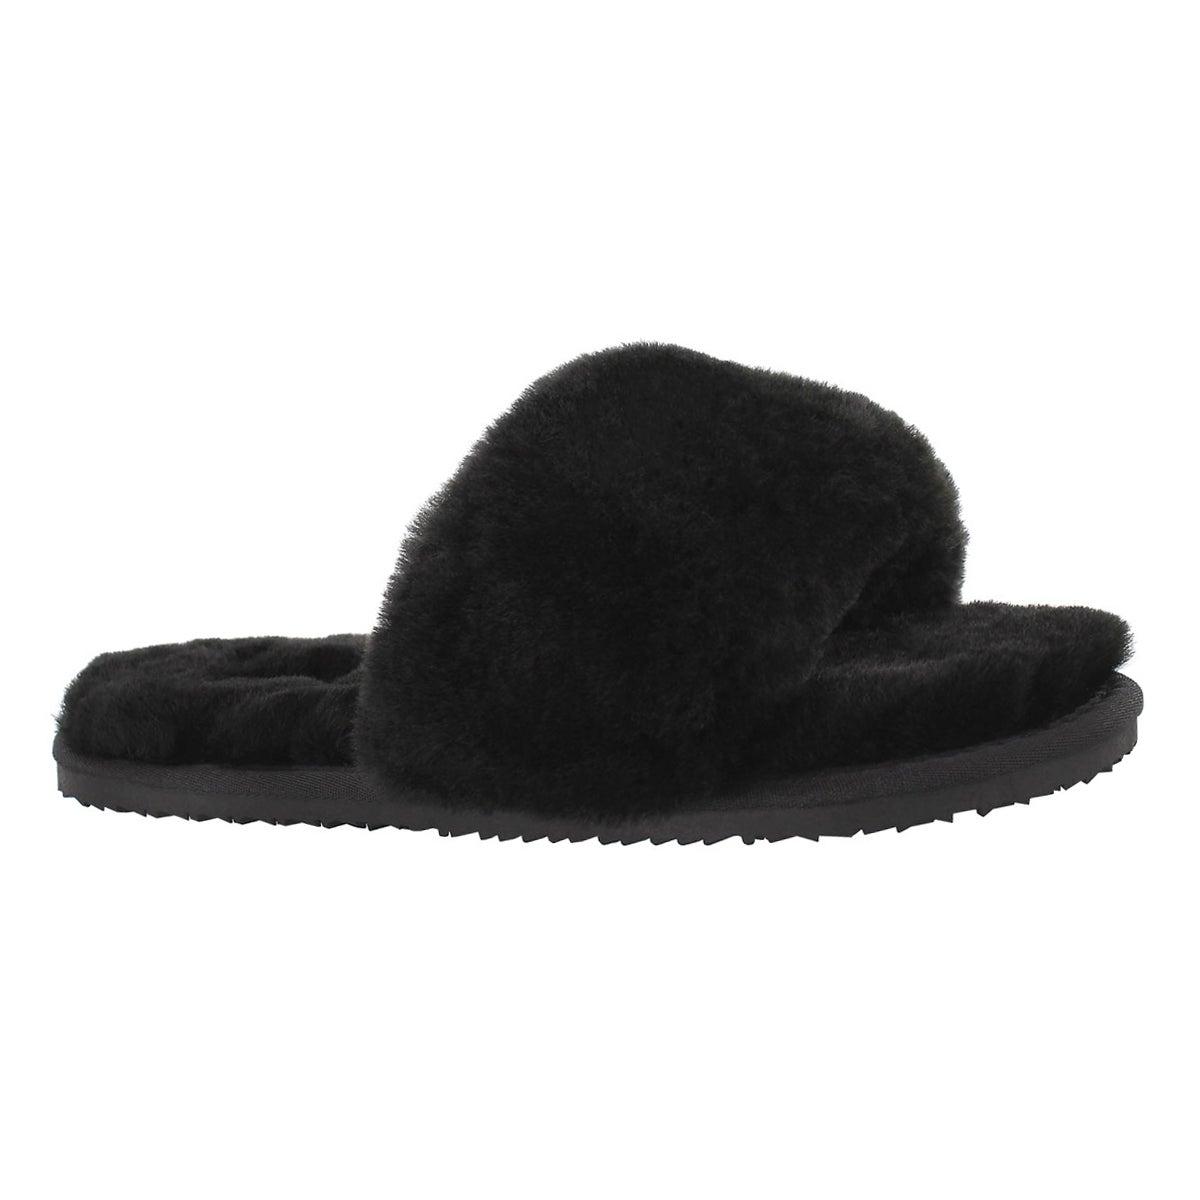 Women's EUGENIE black shearling slide slippers